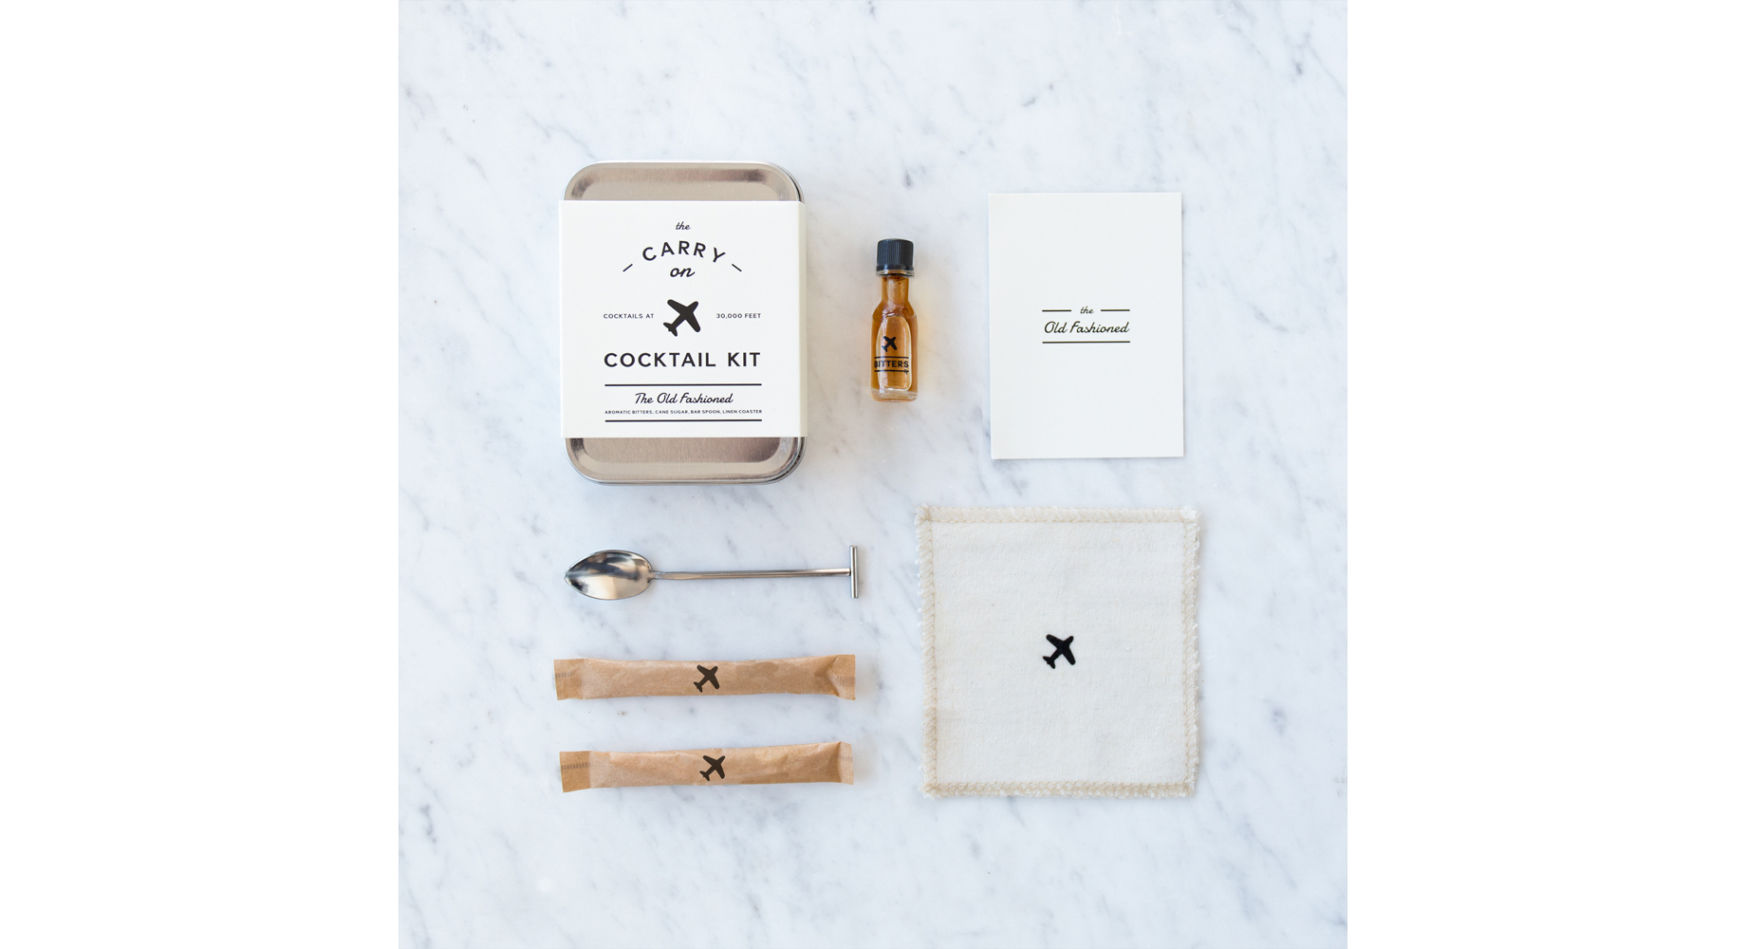 Kit to make cocktails